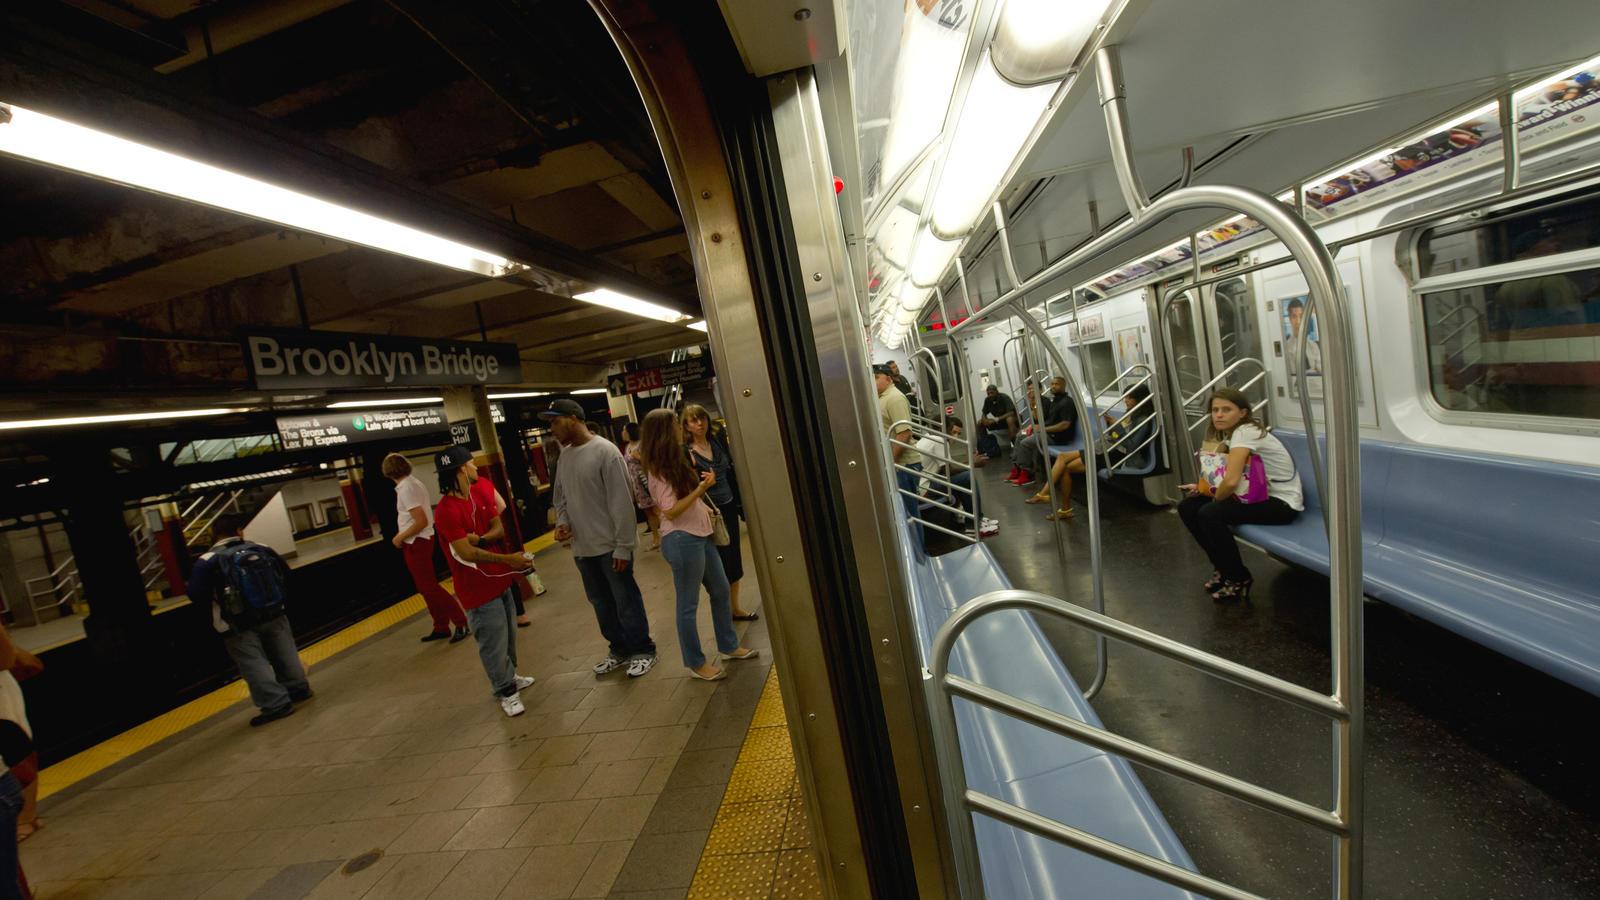 In einer U-Bahn in New York haben Passagiere eindrucksvoll gegen Hass gekämpft.